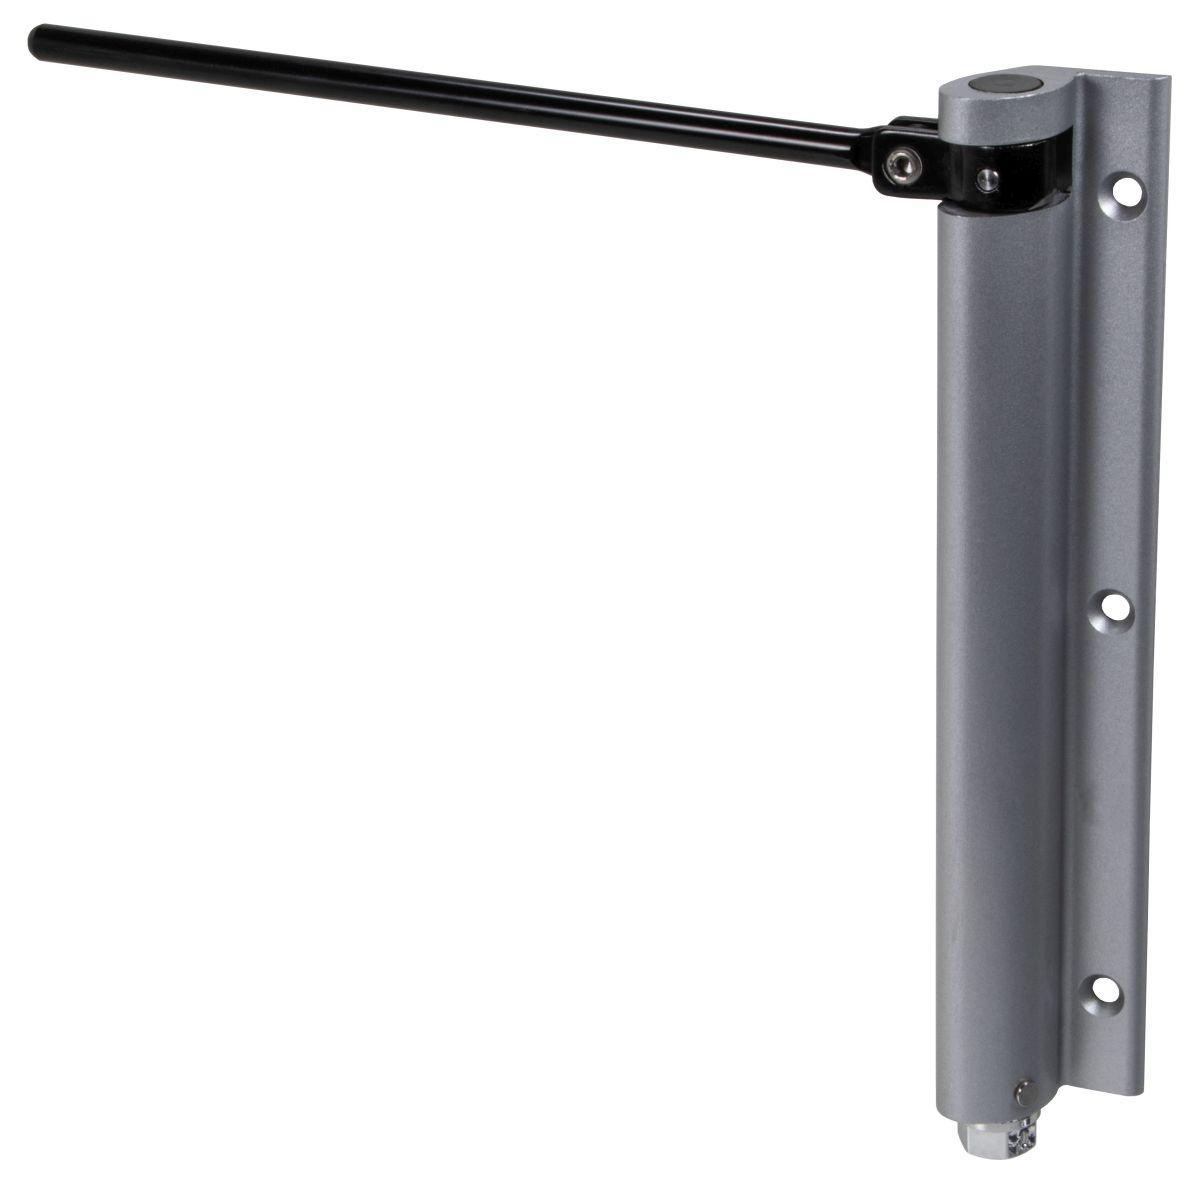 Stahl verzinkt Baubeschl/äge von GedoTec/® verst/ärkte Ausf/ührung T/ürschlie/ßer Innent/ür Stangent/ürschlie/ßer mit Feder T/ürfeder f/ür T/ürgewicht bis 35 kg